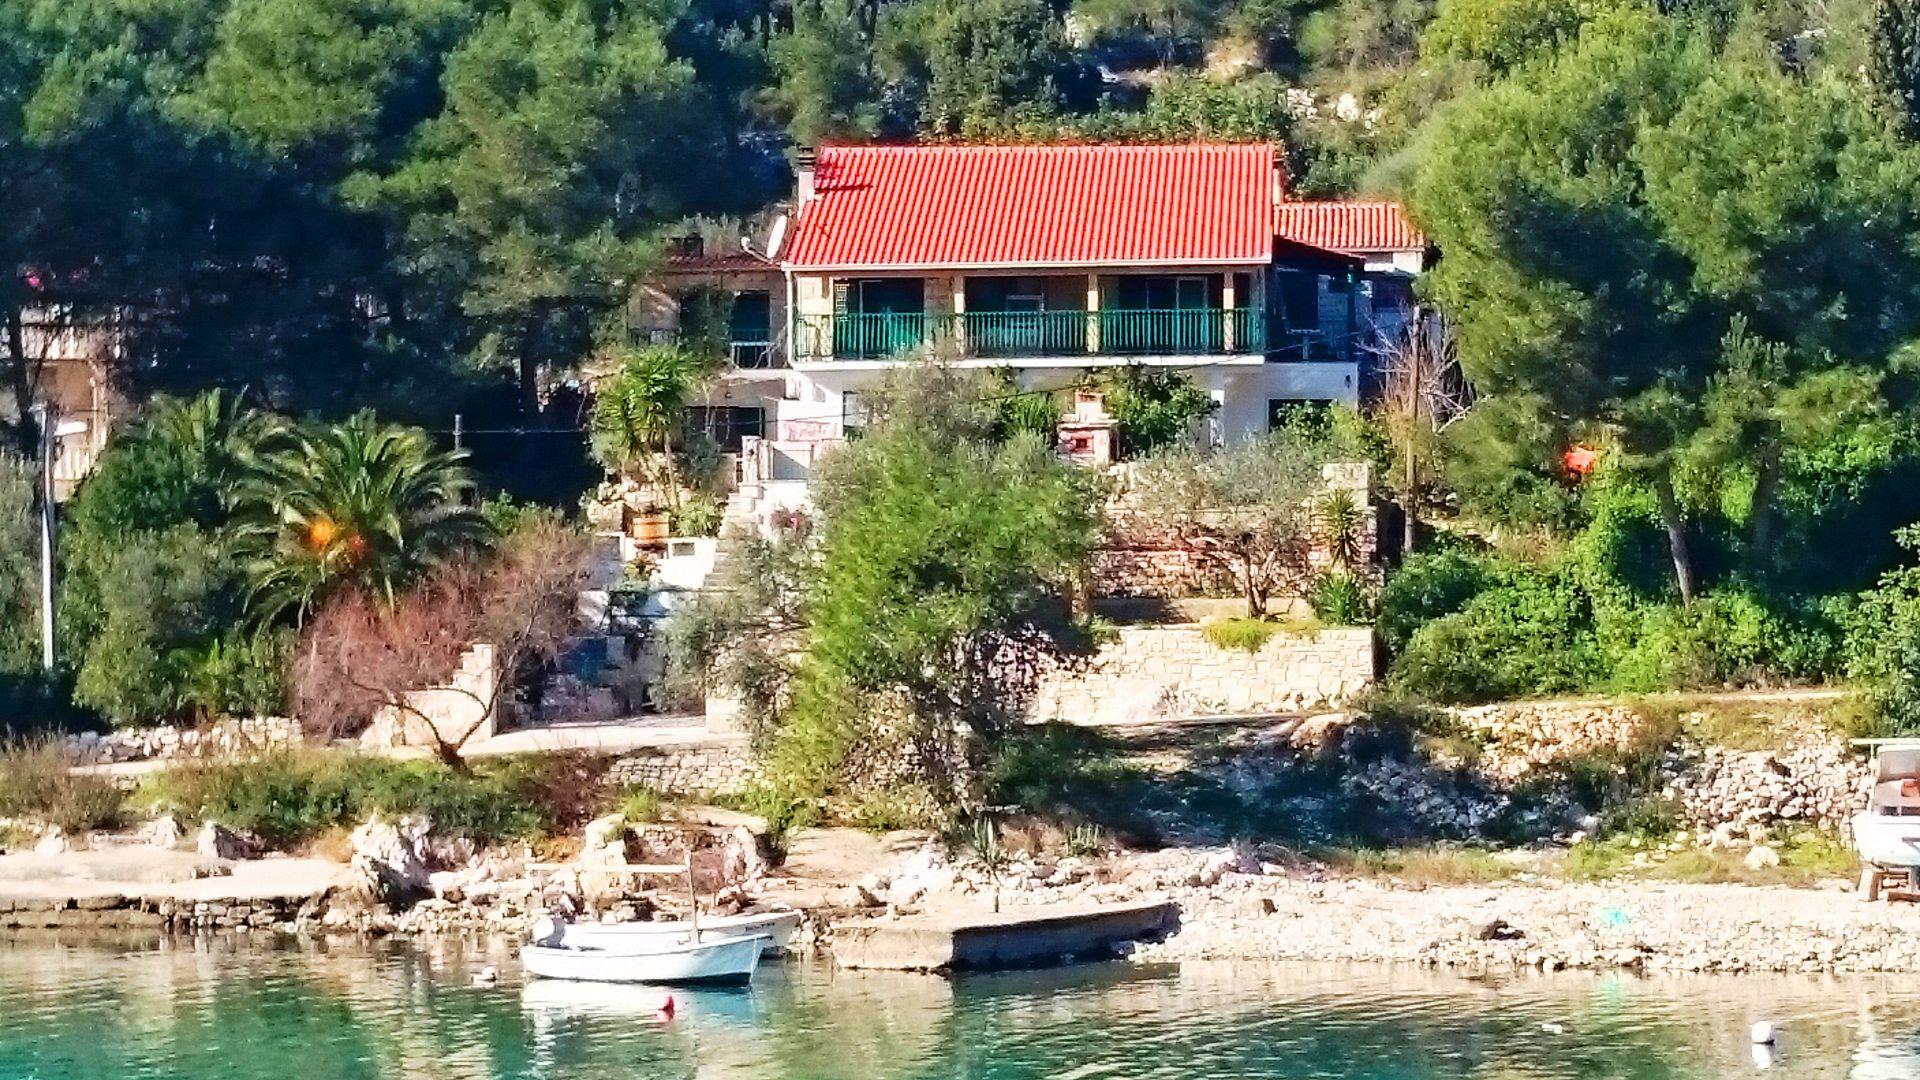 044-04-ROG - Zatoka Banje (Rogac) - Zakwaterowanie nad zatokami Chorwacja